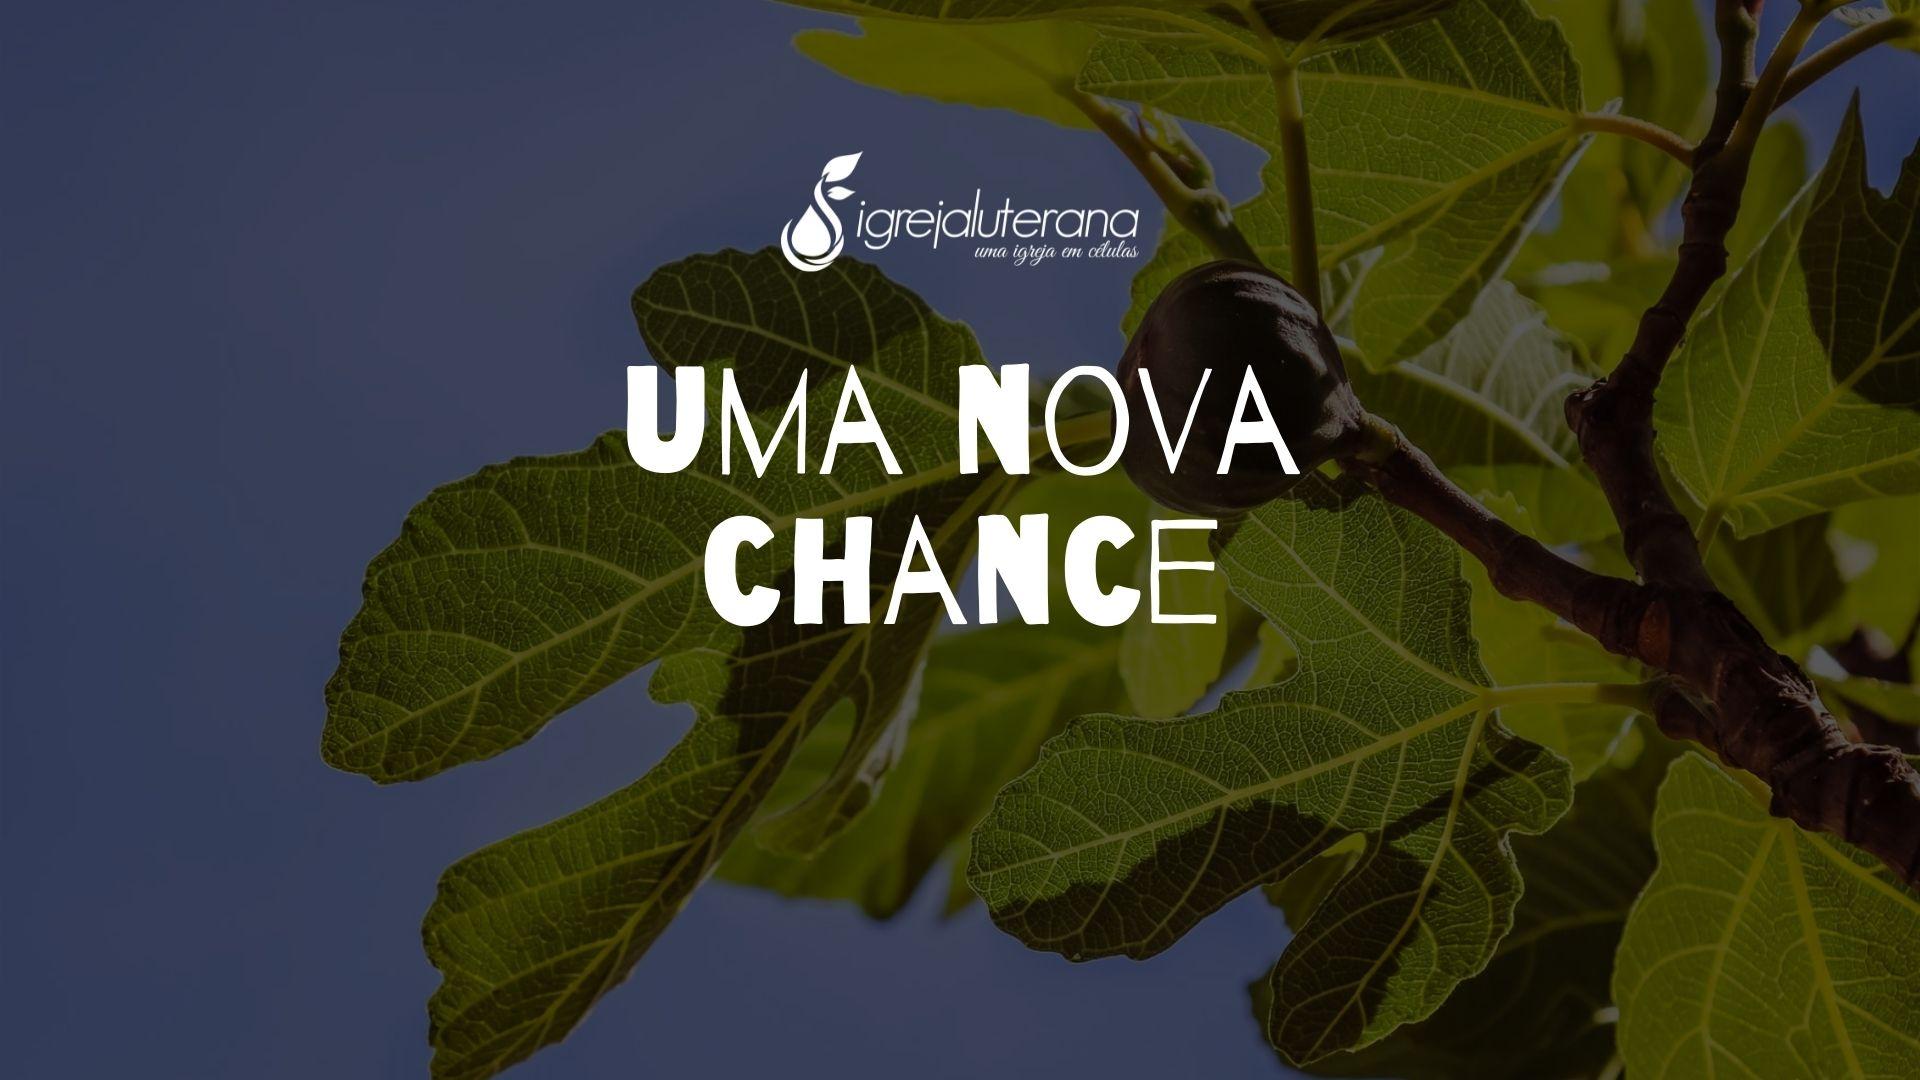 UMA NOVA CHANCE